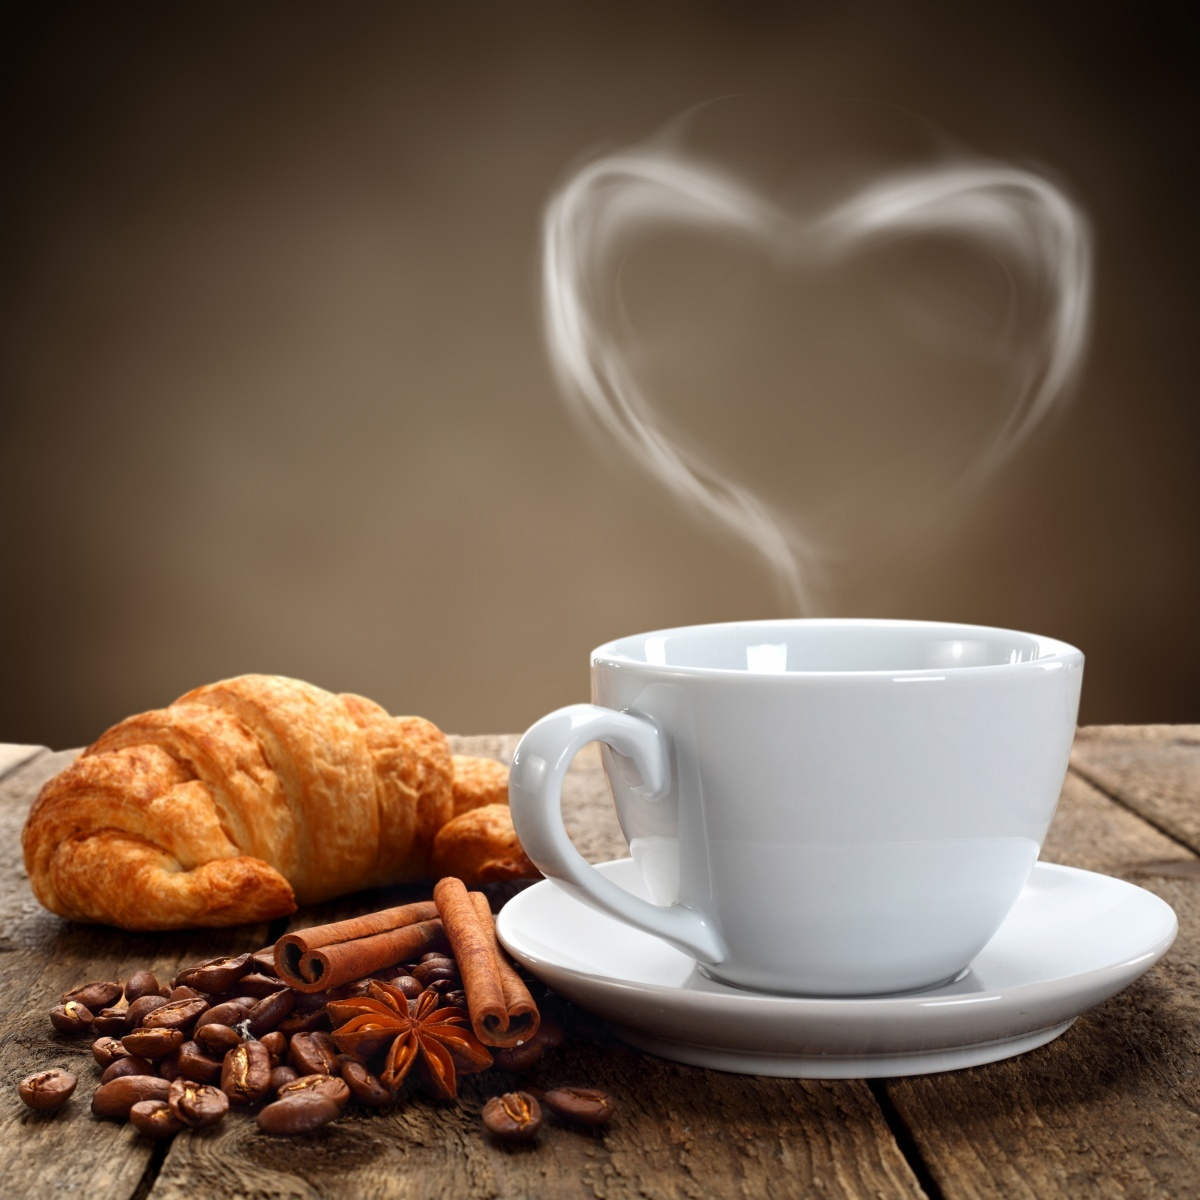 картинки с чашкой кофе и пожелания гостей